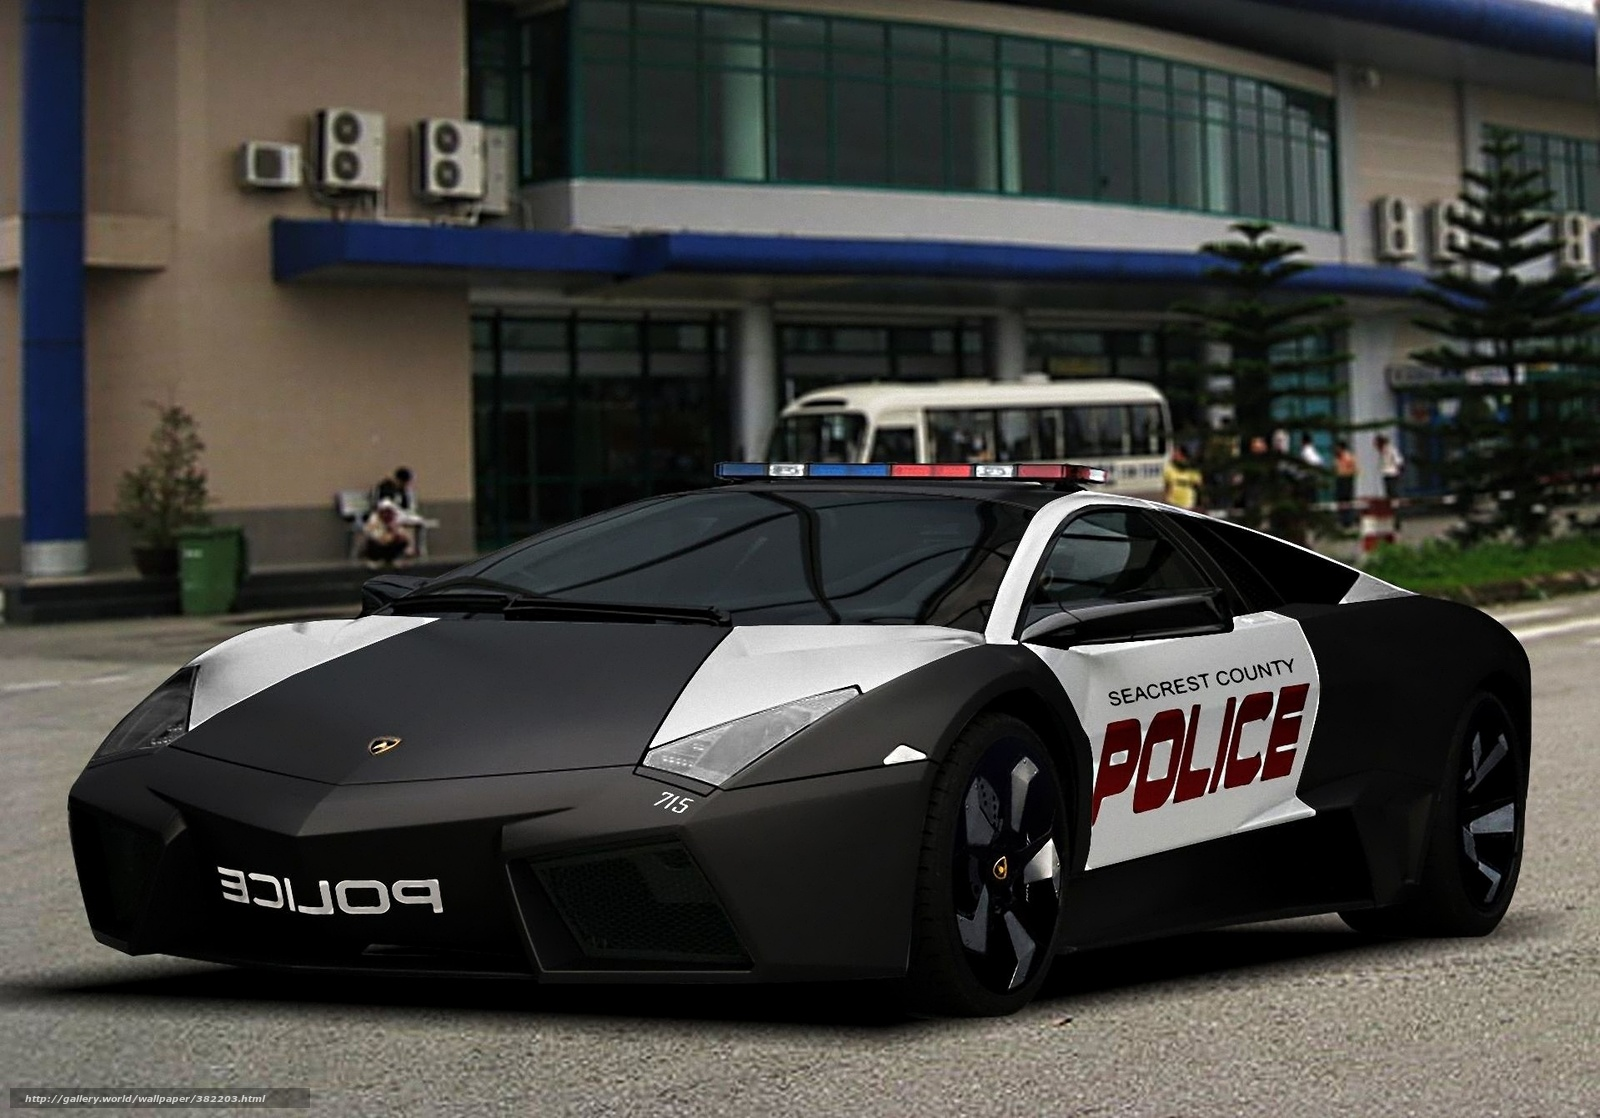 ламборджини ревентон полиция обои